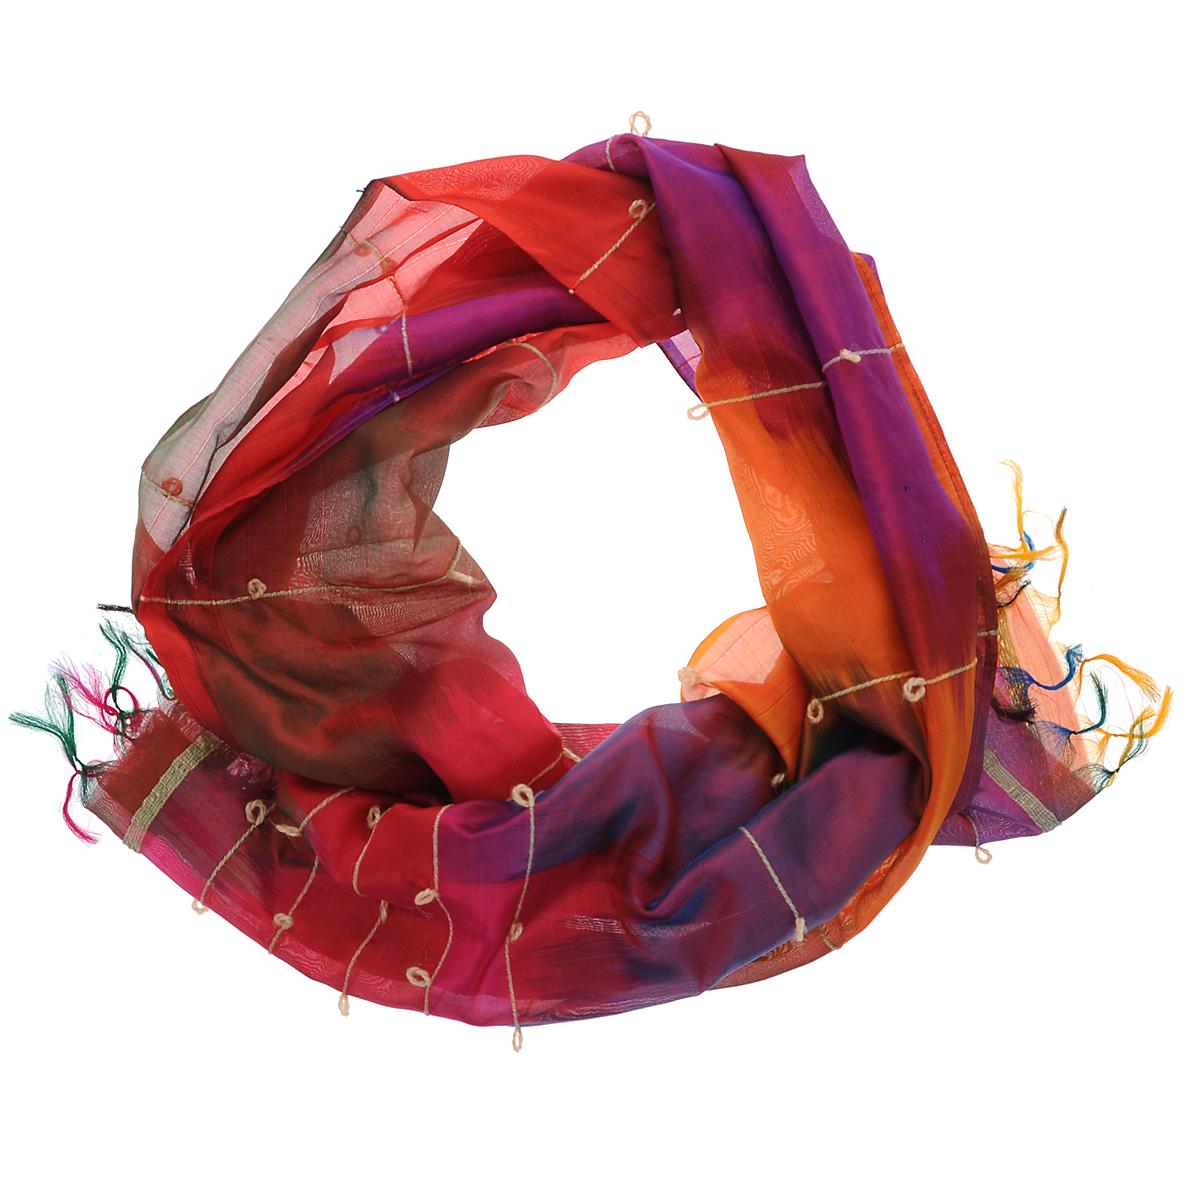 Шарф женский. 457350н457350нЯркий женский шарф Ethnica подчеркнет ваш неповторимый образ. Он выполнен из 100% шелка и оформлен переливающимися цветами и полосками с петельками. По краям шарф декорирован тонкими кисточками. Этот модный аксессуар женского гардероба гармонично дополнит образ современной женщины, следящей за своим имиджем и стремящейся всегда оставаться стильной и элегантной.